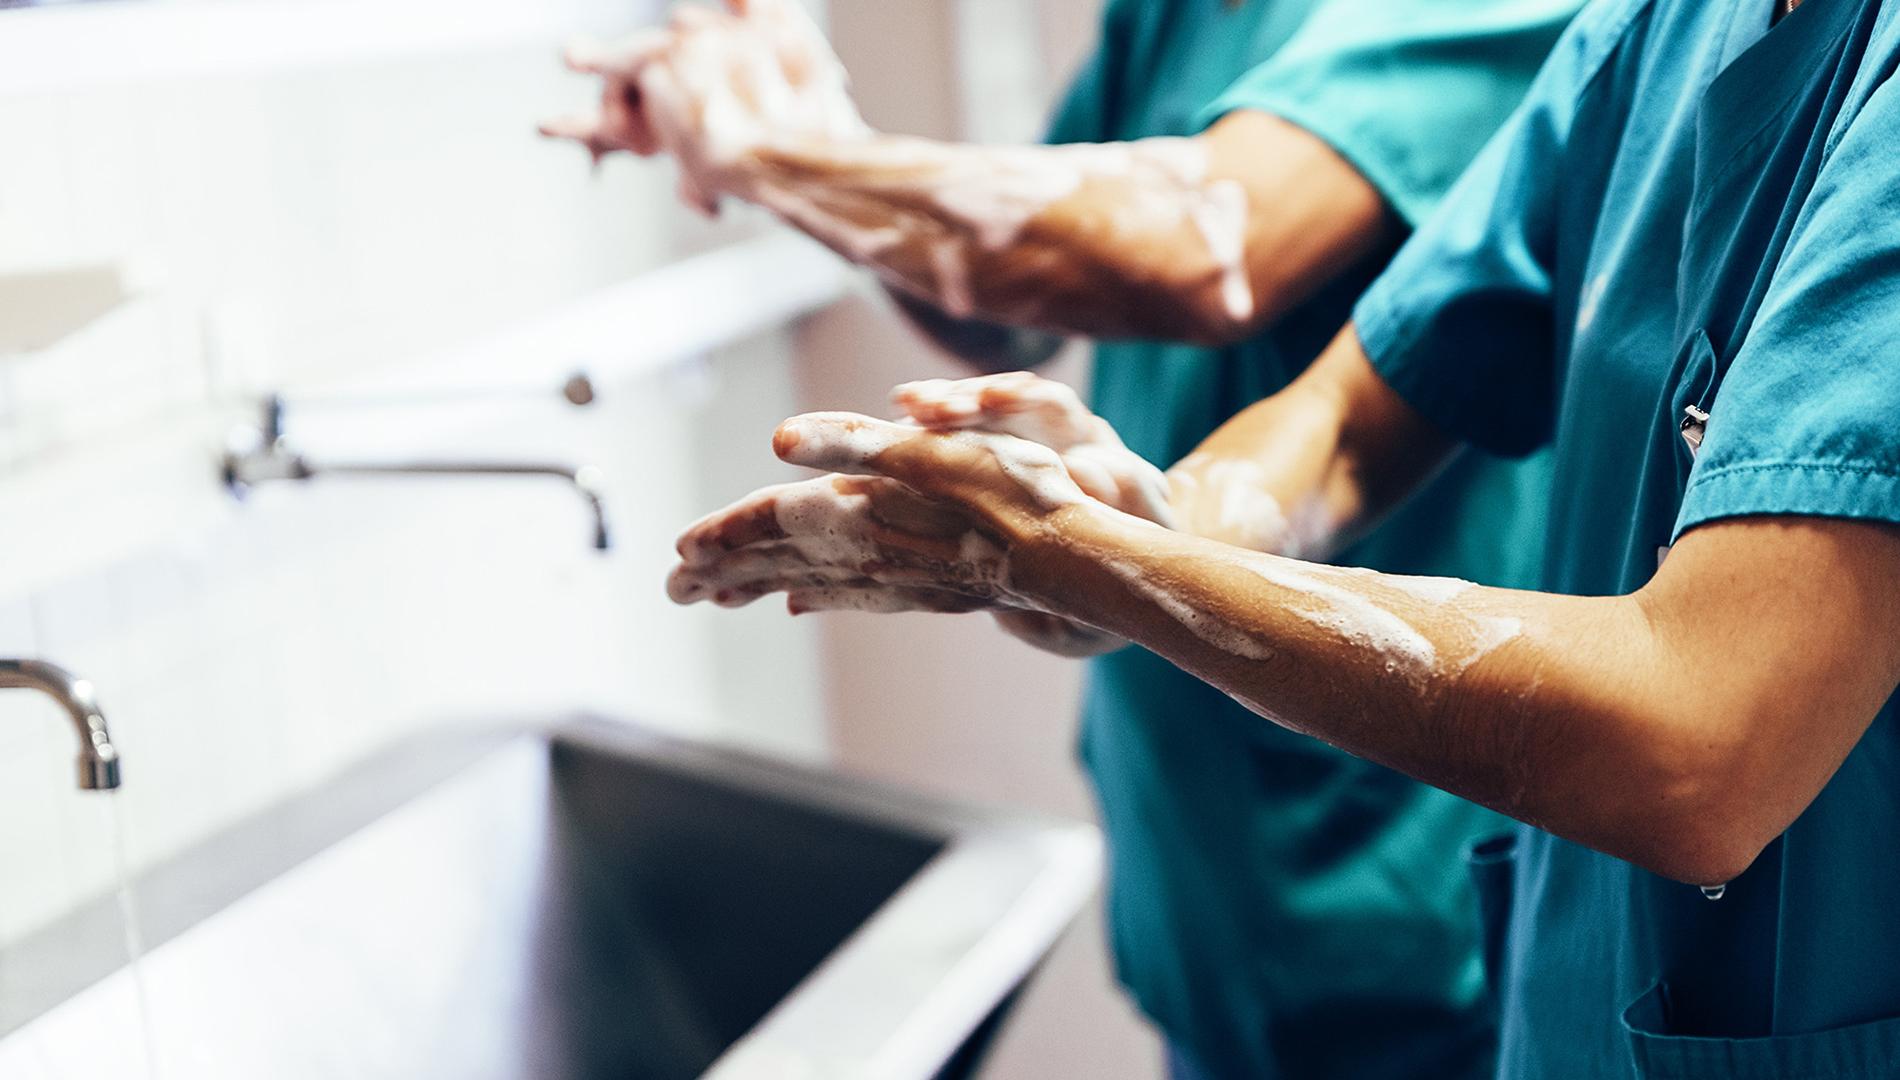 Гигиена рук фото